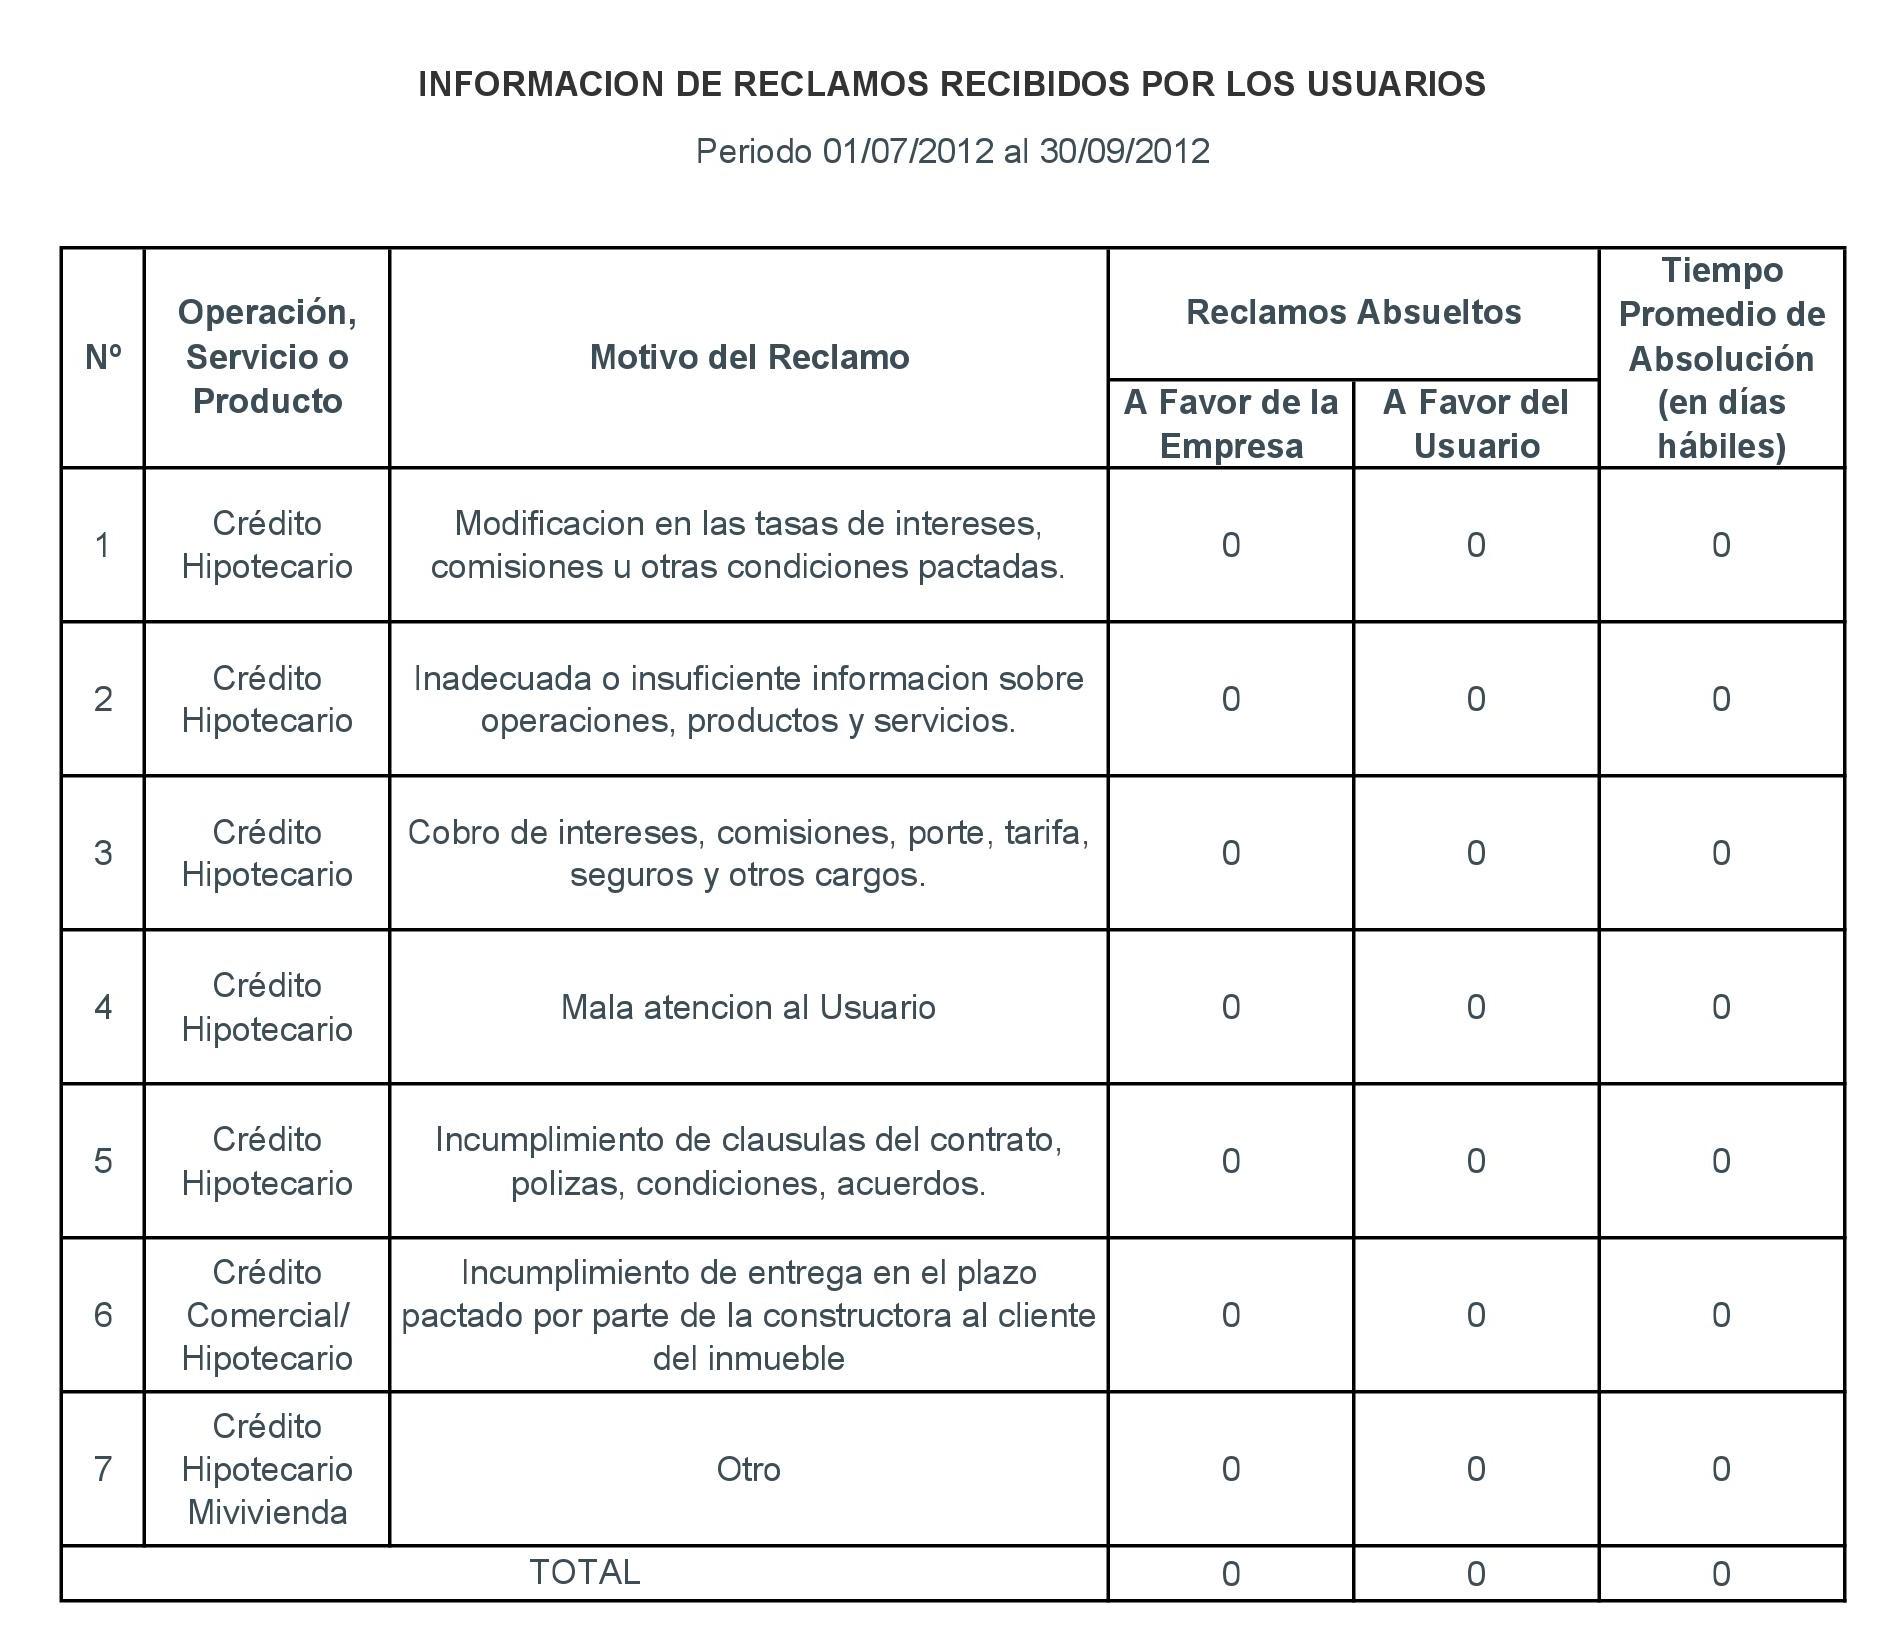 Periodo 01-07-2012 al 30-09-2012